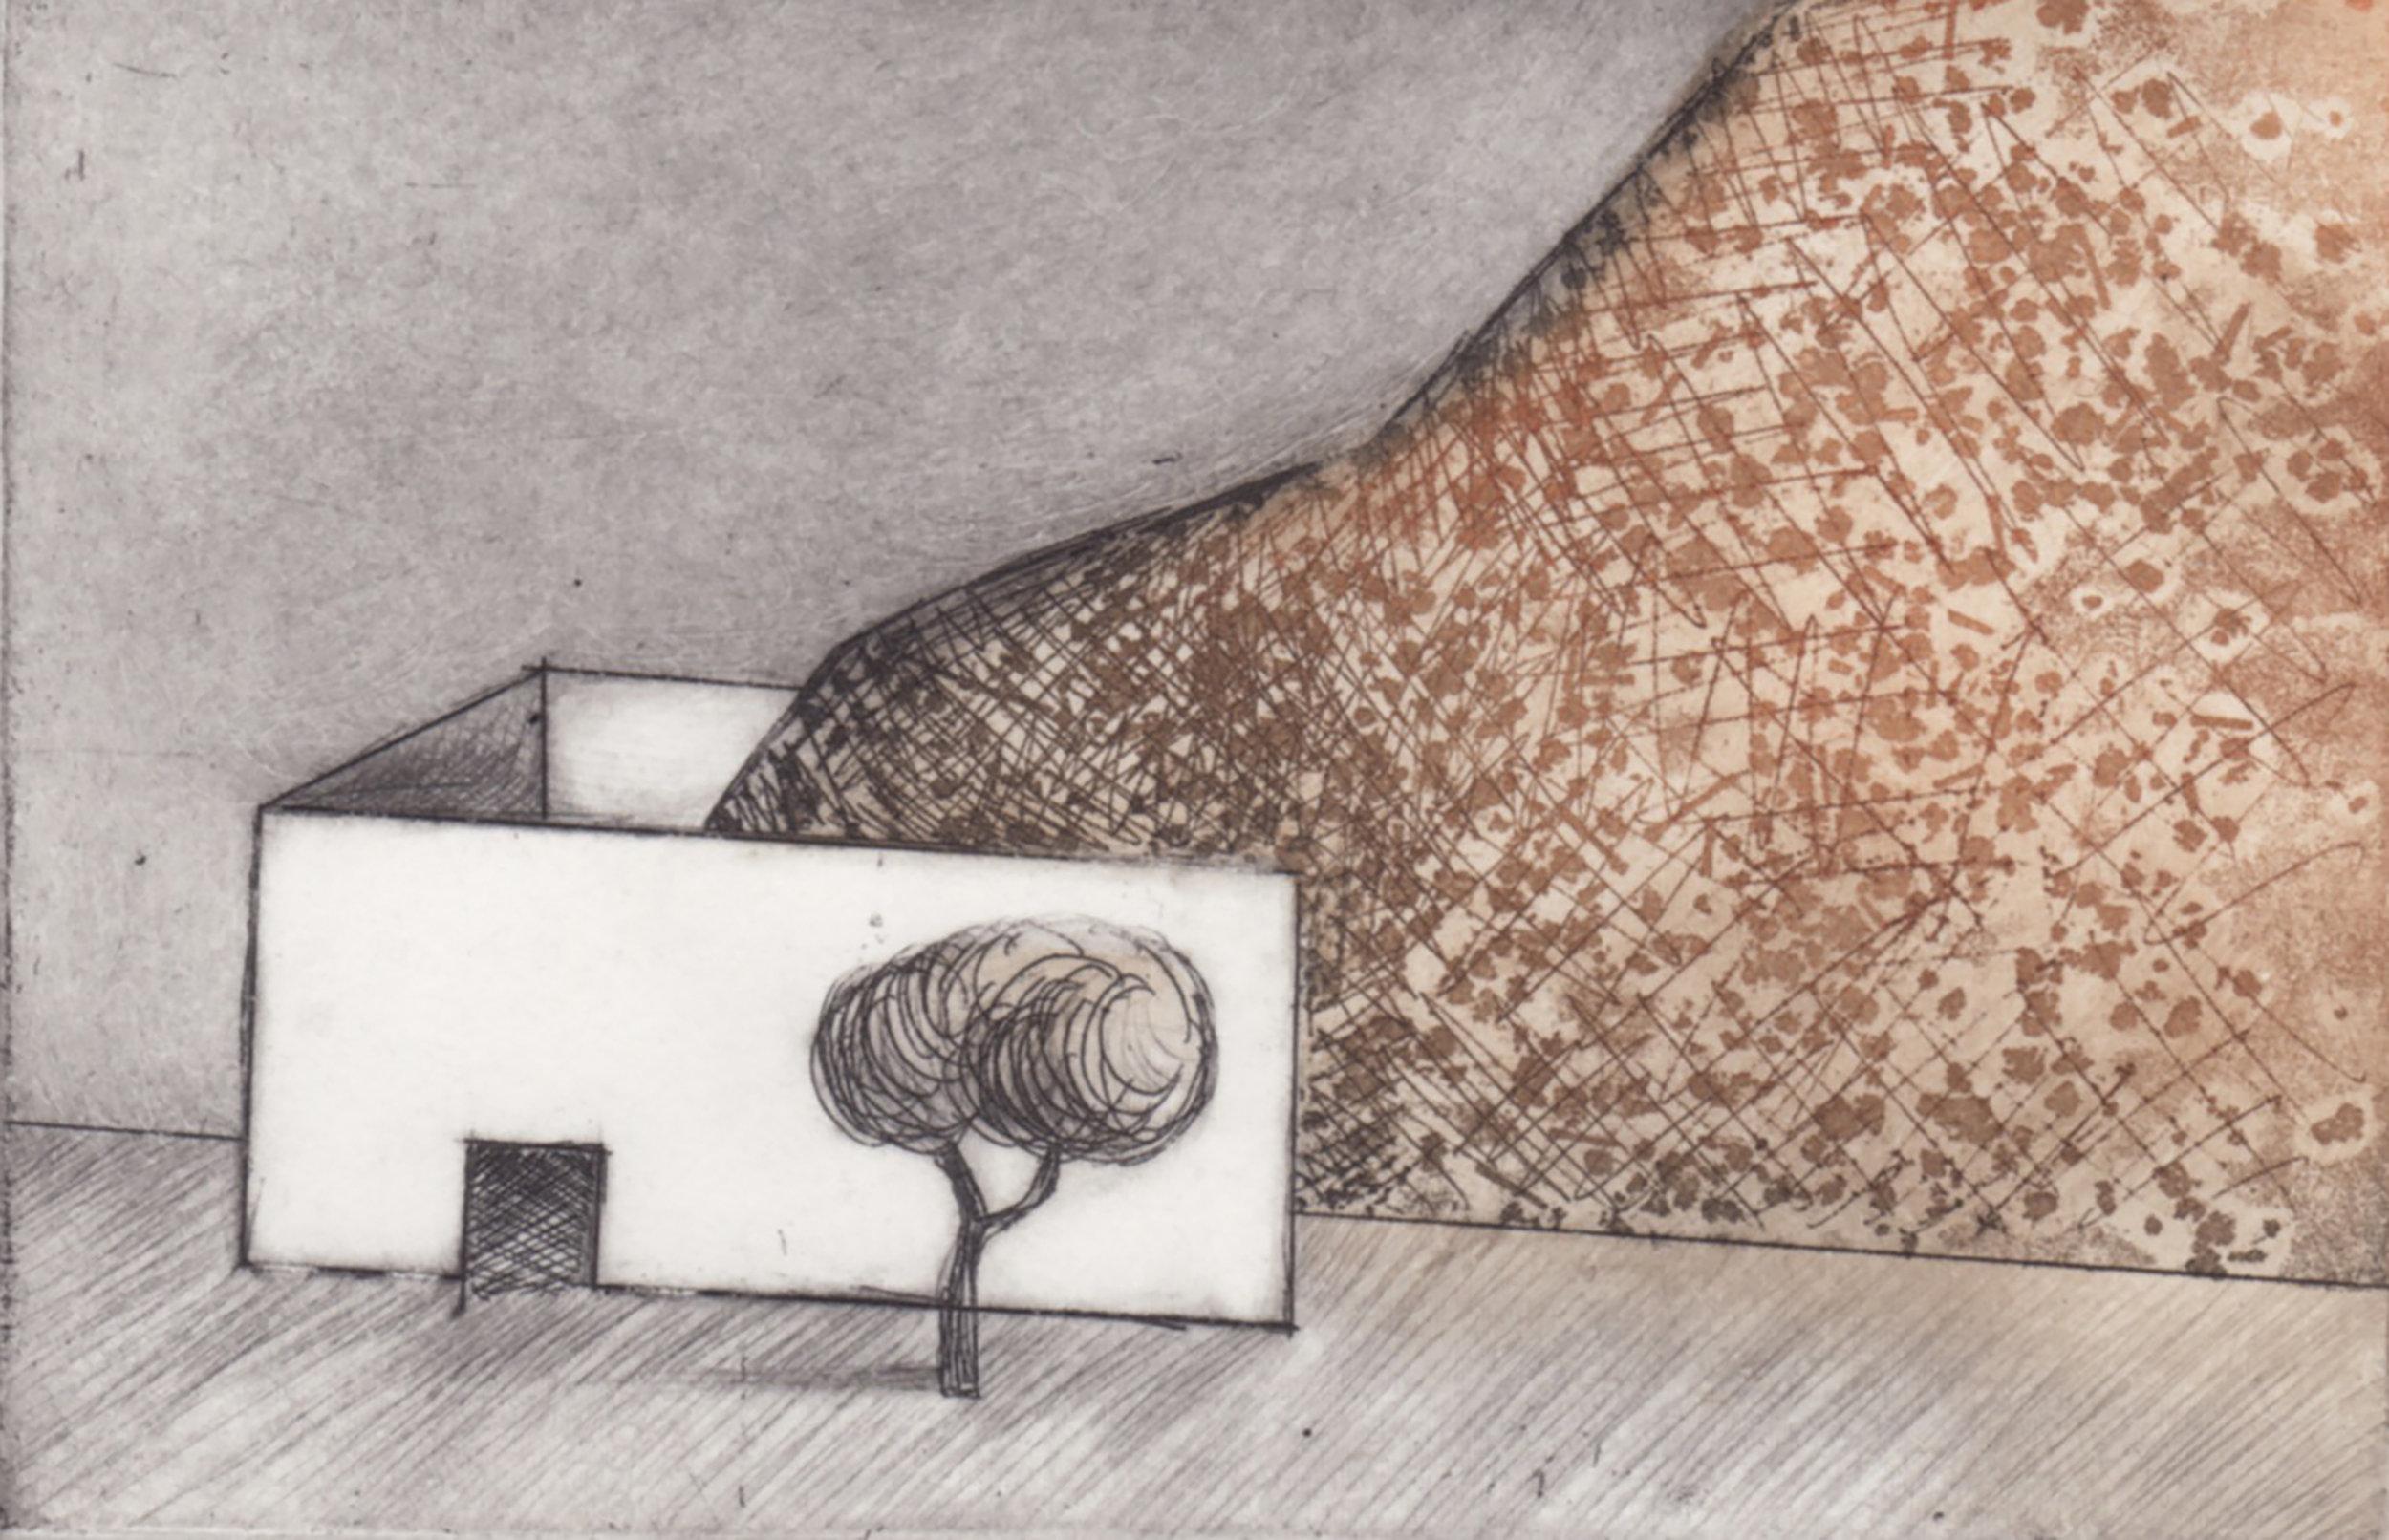 Casa con montaña_María Alvarez_30x40_Aguafuerte, barnizando y punta seca_121.jpg